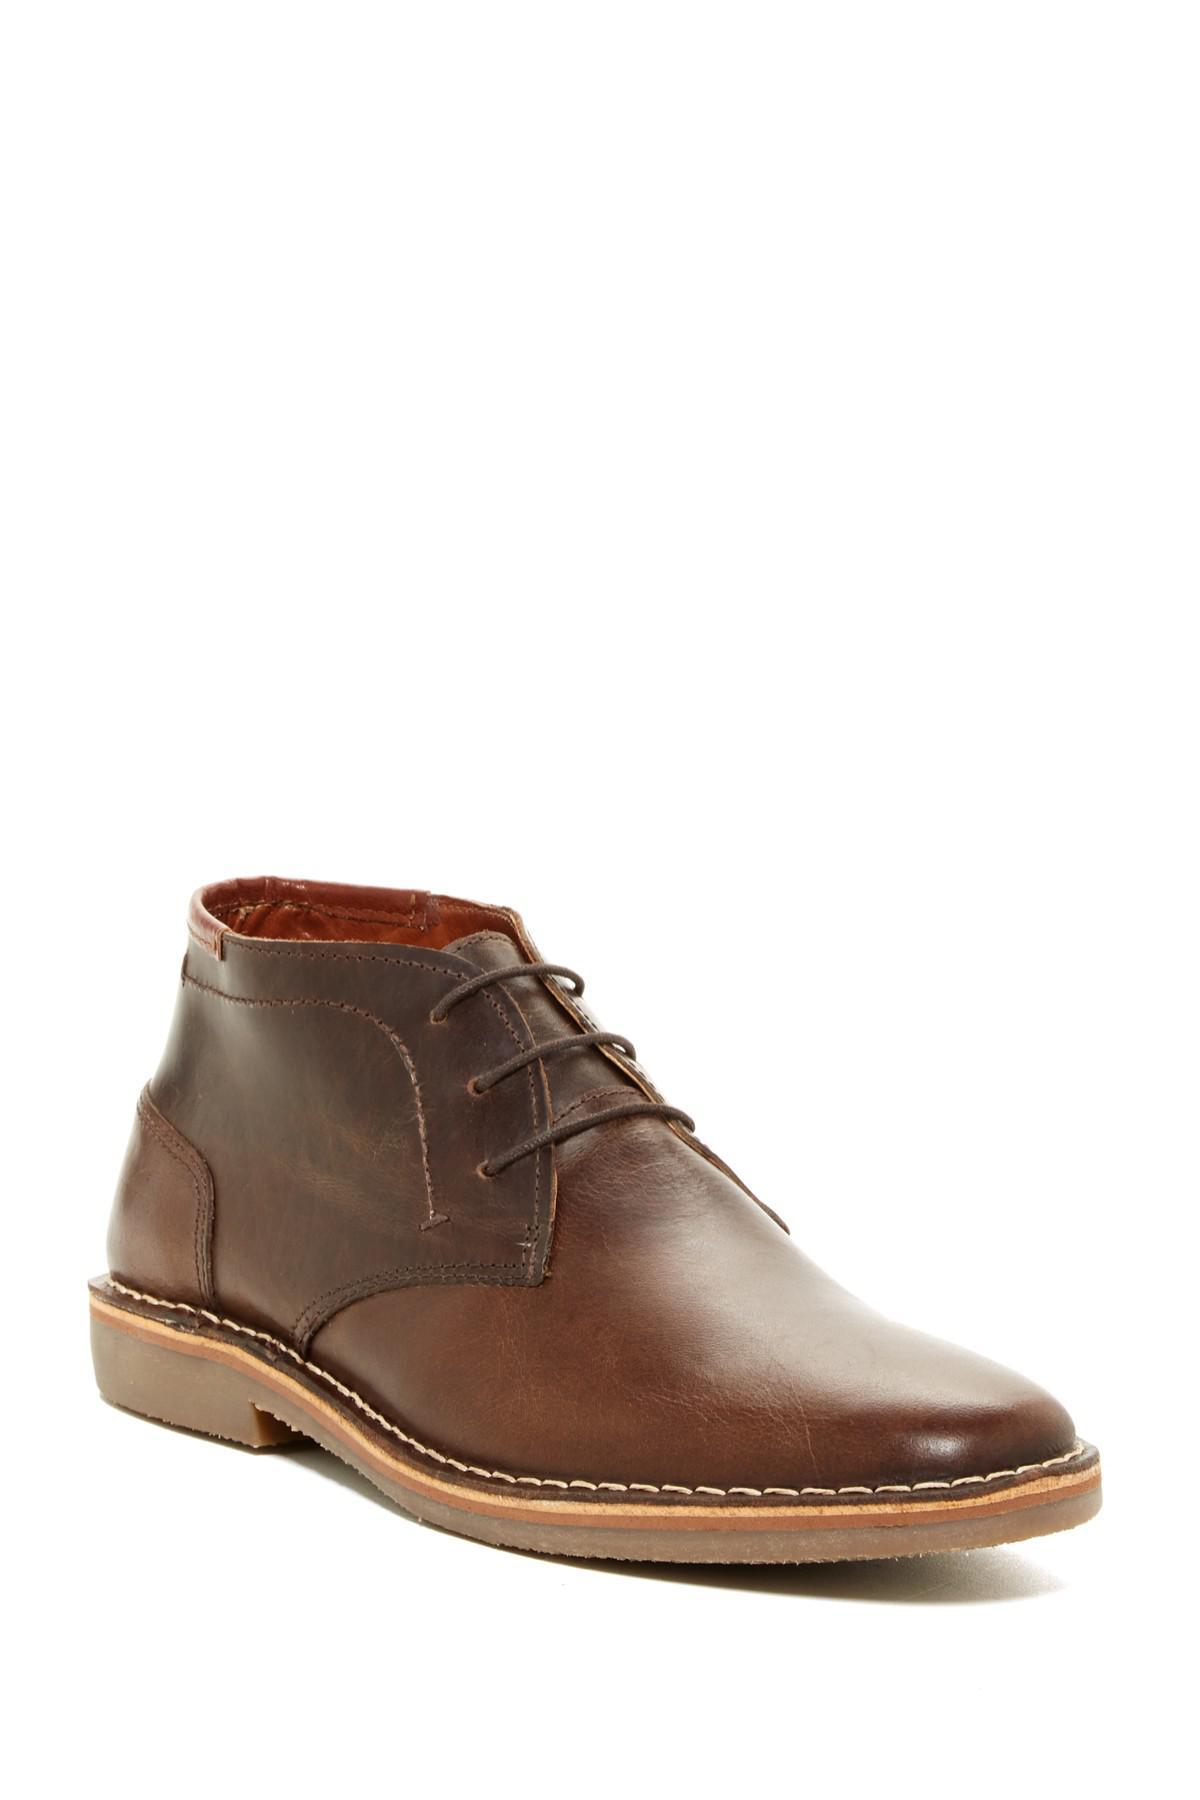 Lyst Steve Madden Ivon Chukka Boot In Brown For Men